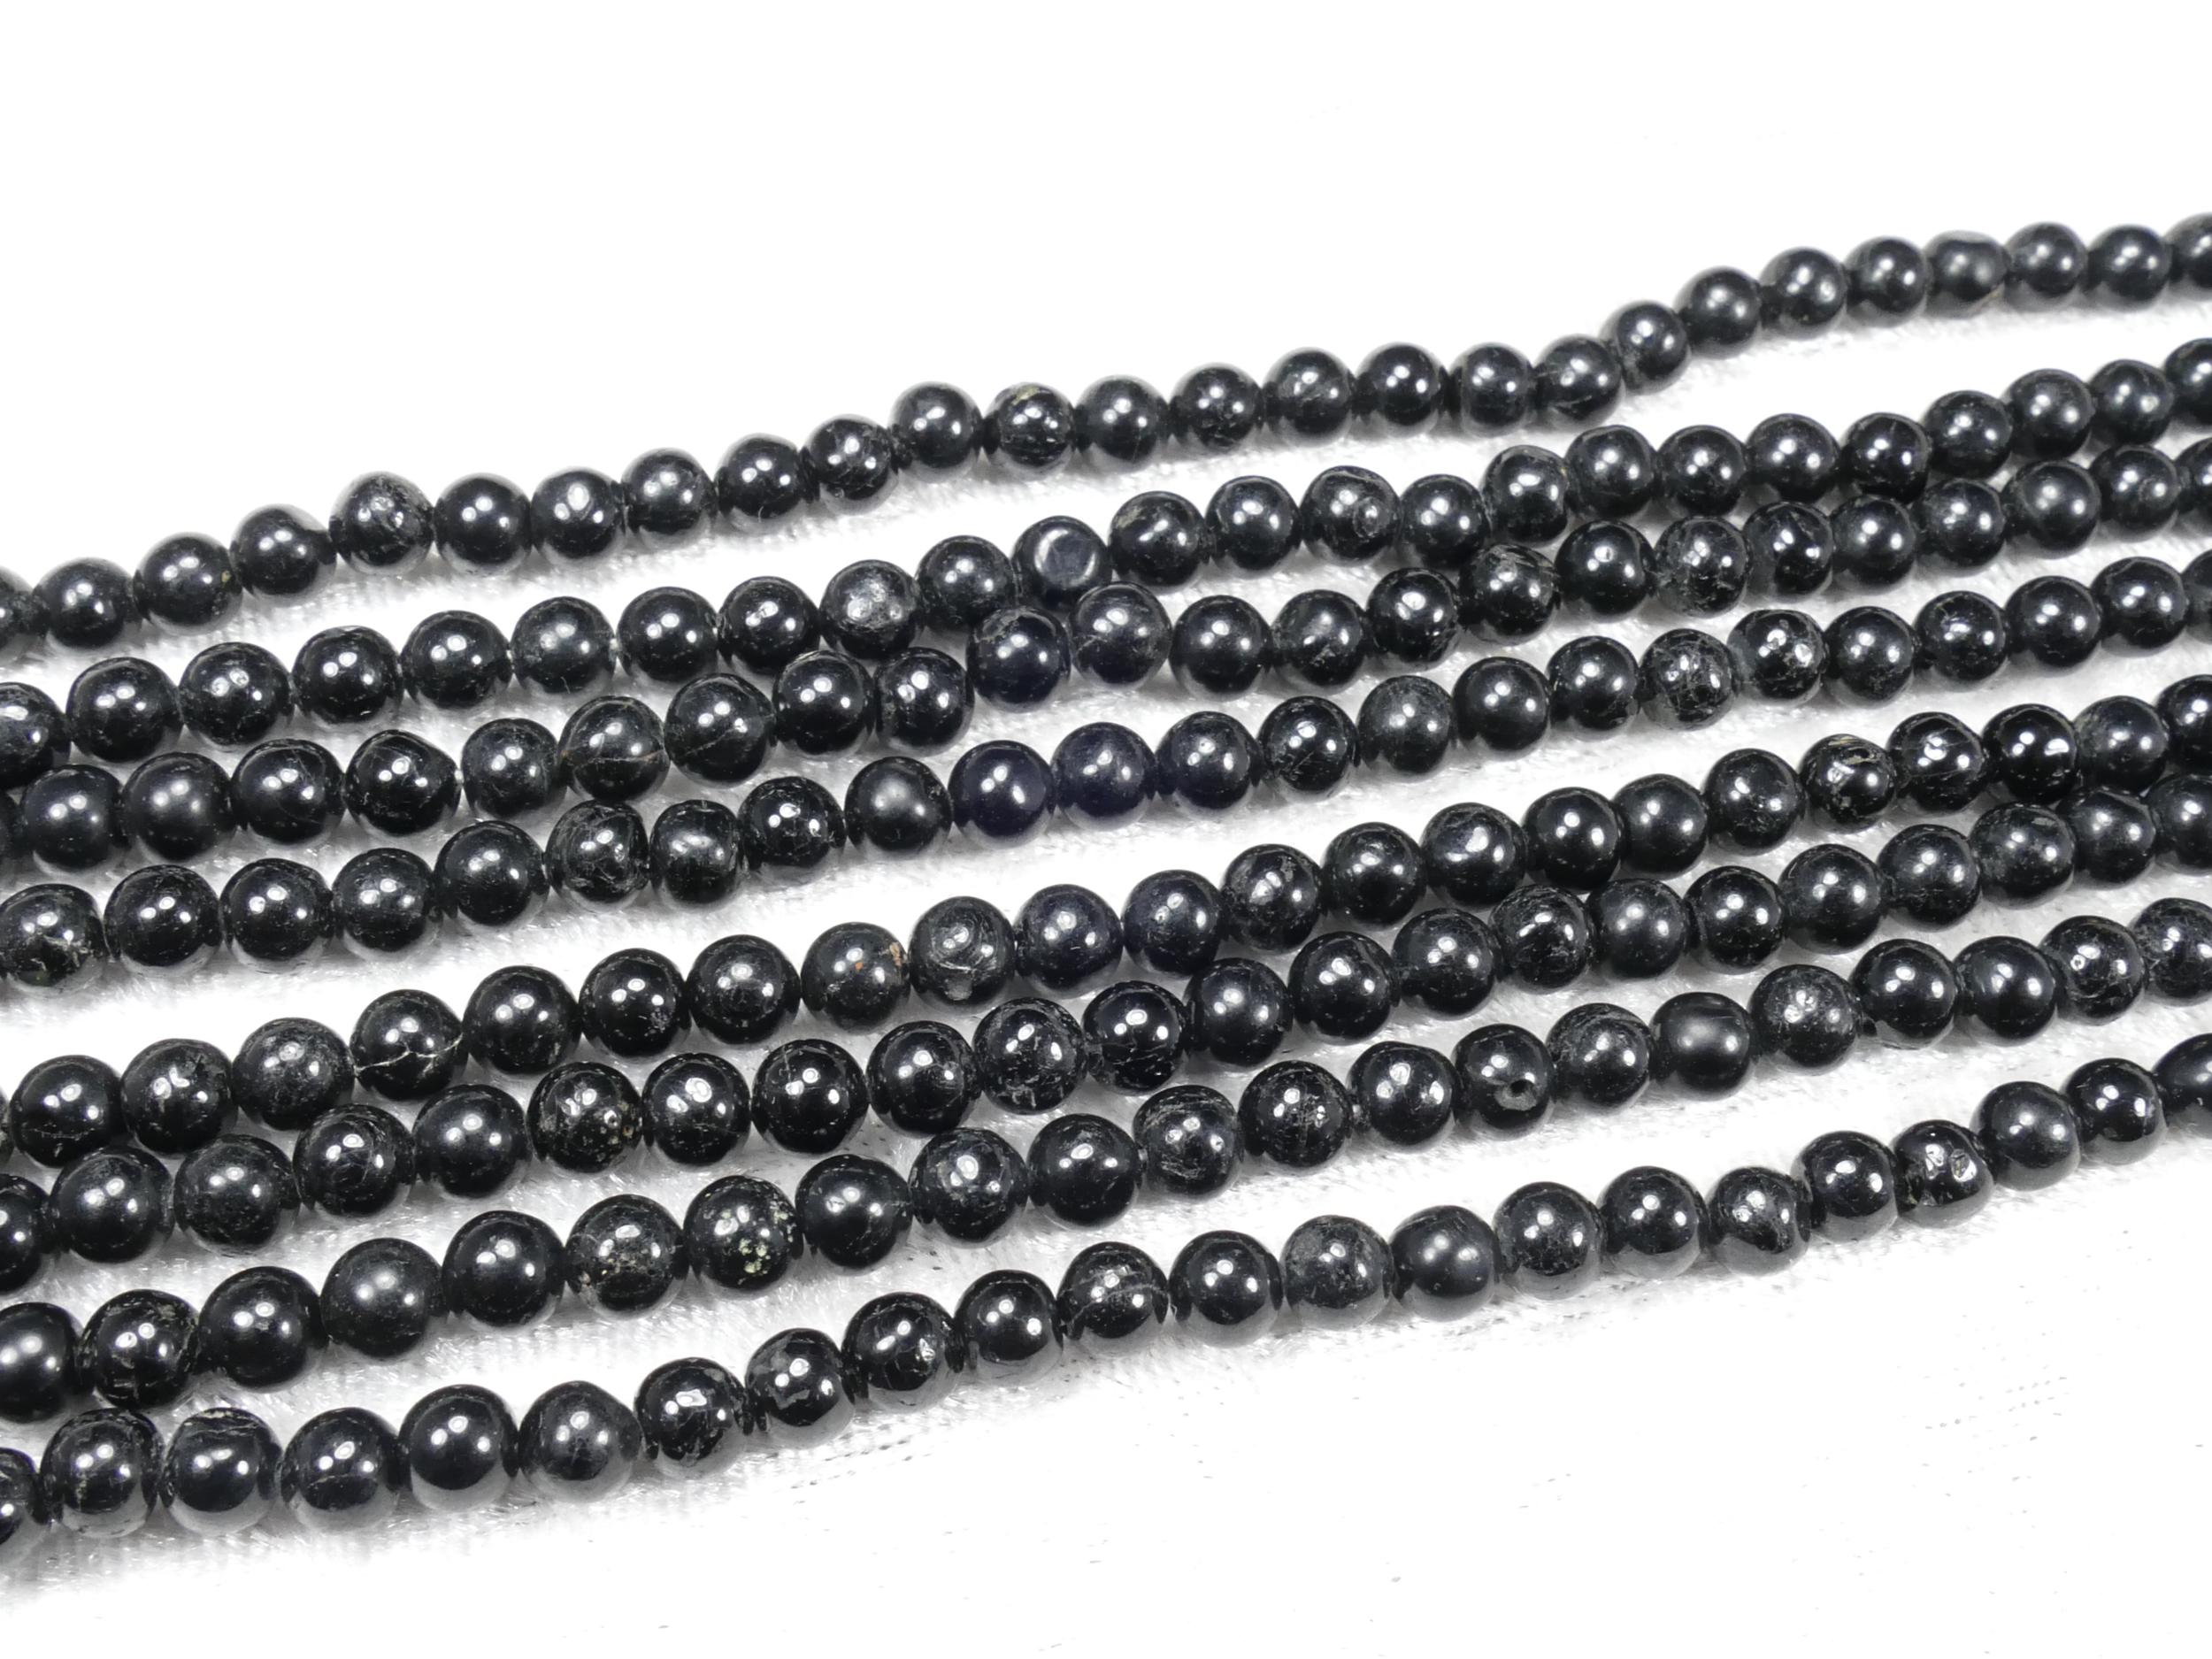 5/5.2mm Perles de Tourmaline naturelle noire en boule lisse irrégulière x35cm (13.7inch) (#AC862)